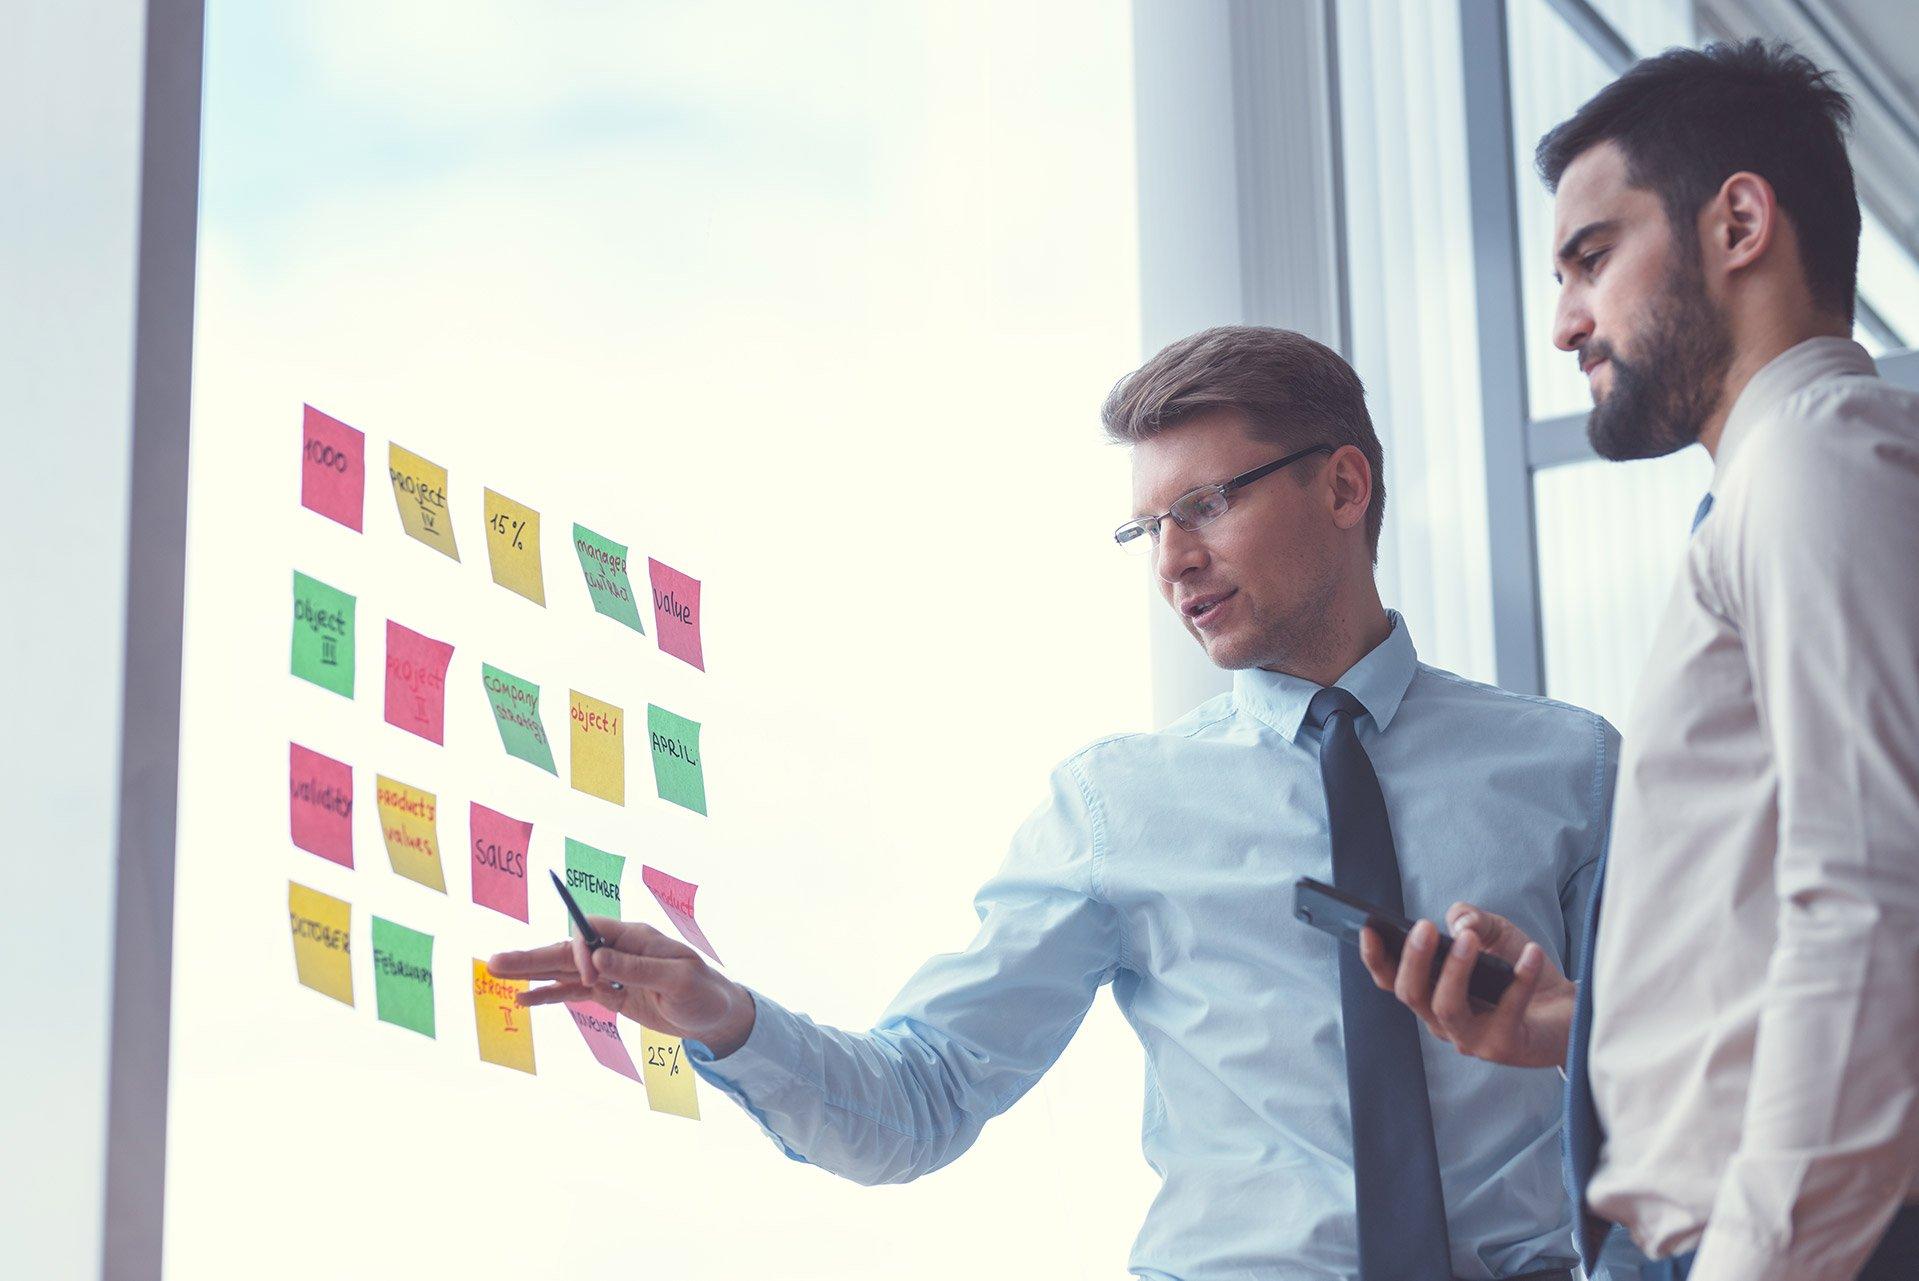 Equipo metodología agil